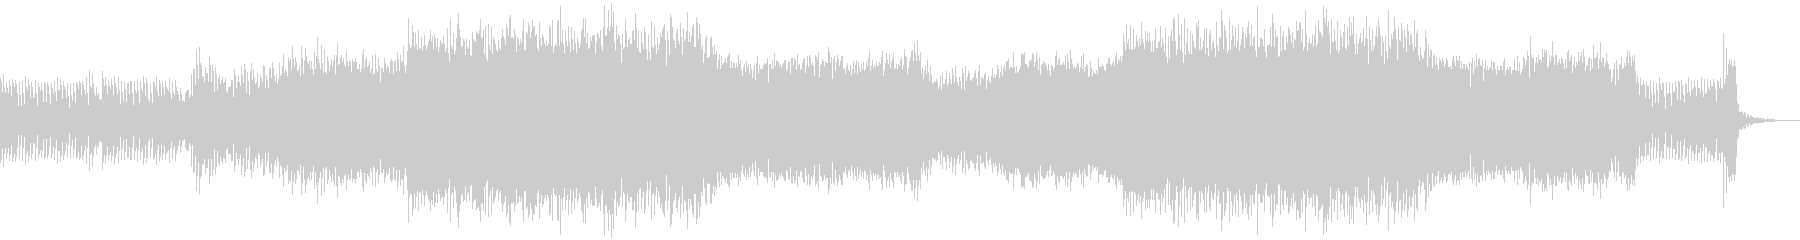 フェスをイメージしたEDMの未再生の波形